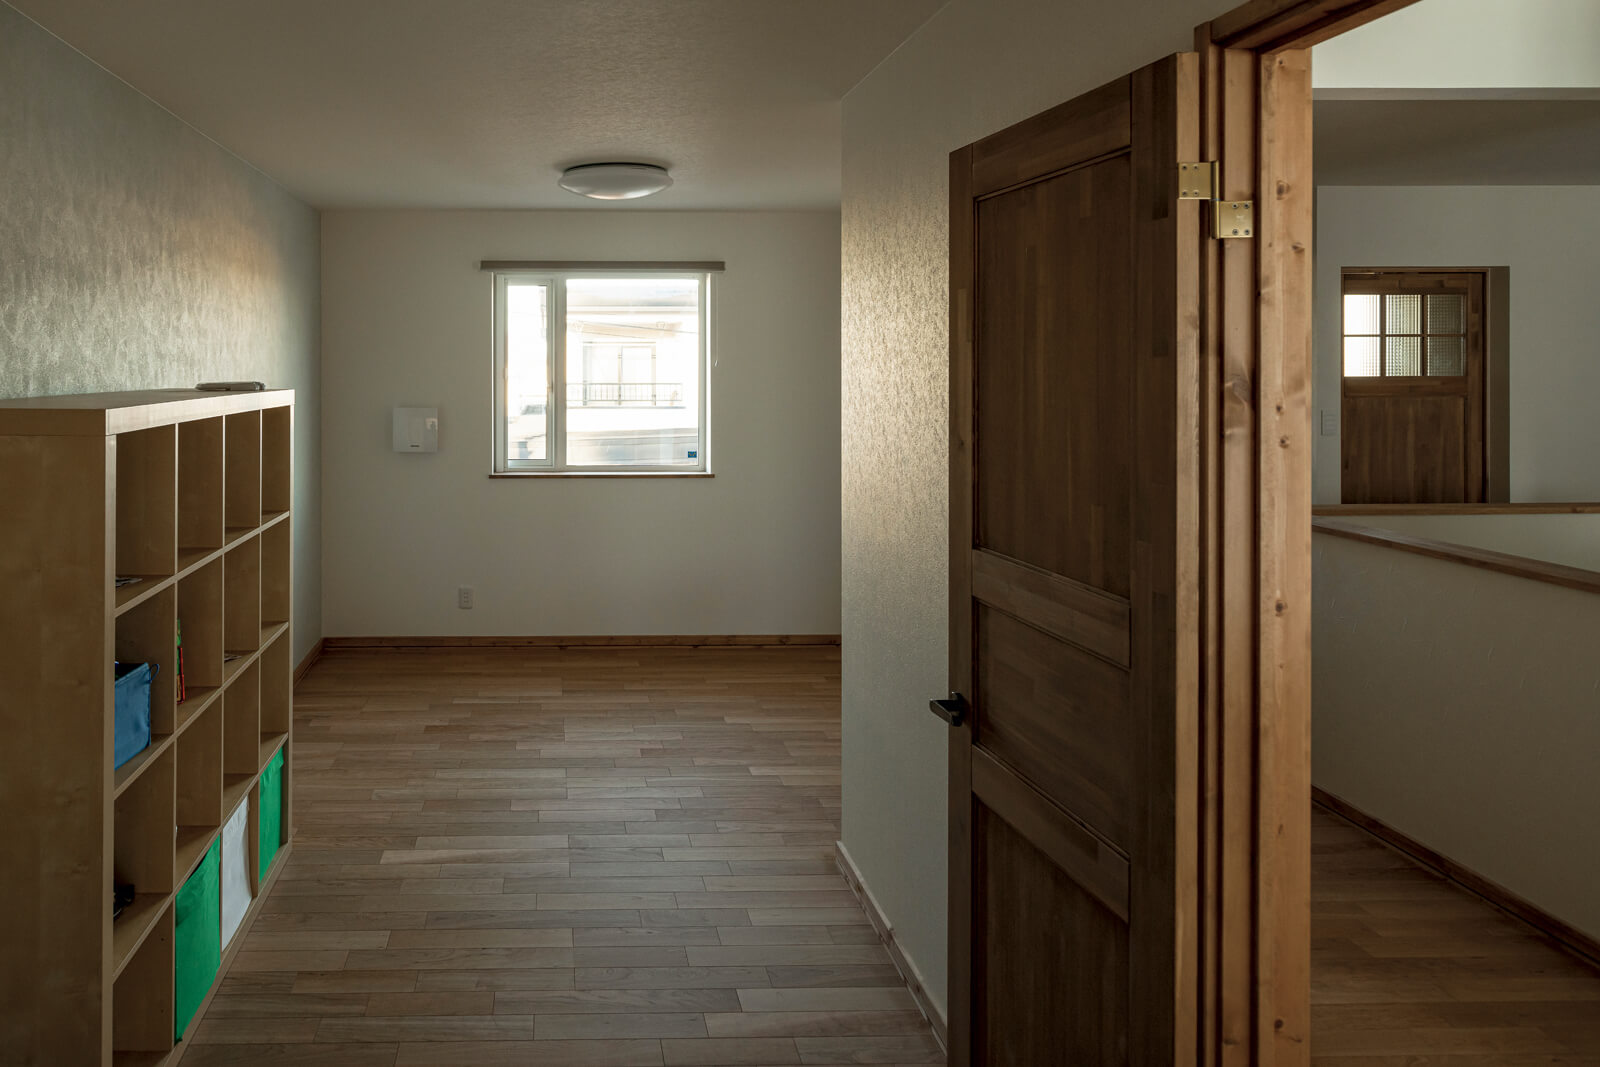 2階に設けられた子ども部屋は、広々としたワンルーム仕様。将来は中央に間仕切り壁を兼ねた造作収納を設置し、2室に分ける予定